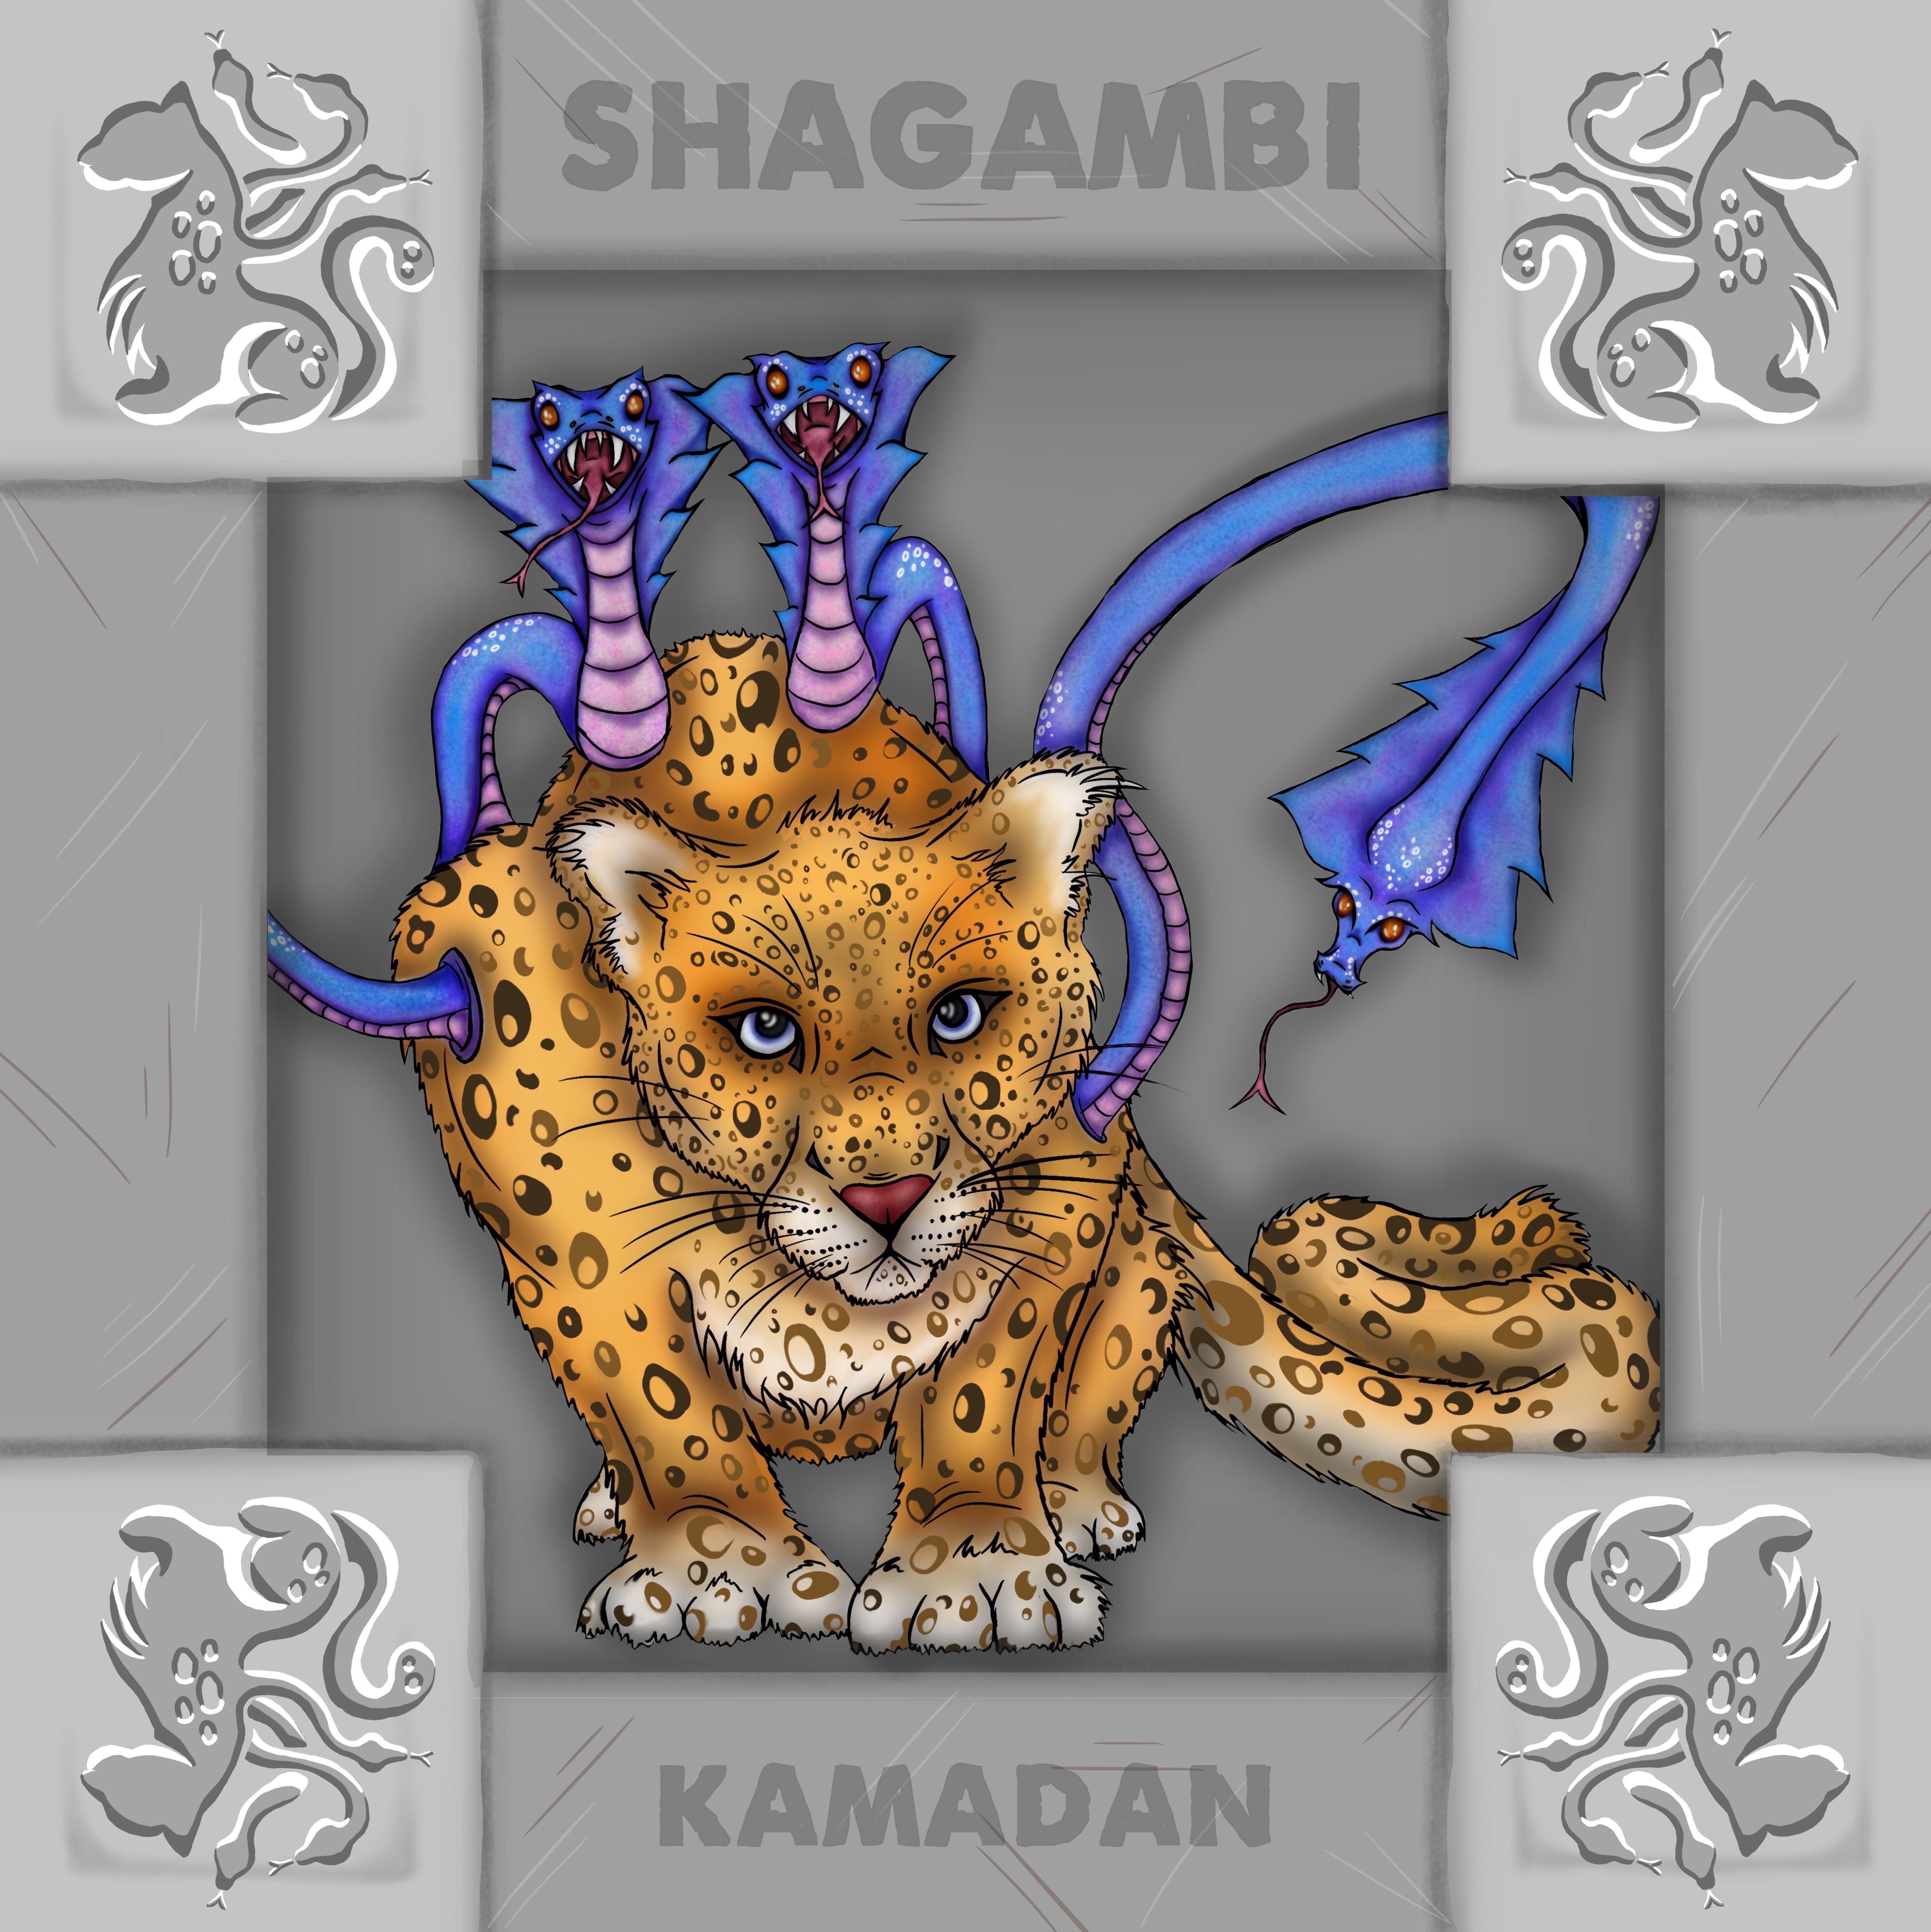 Shagambi (Kamadan)